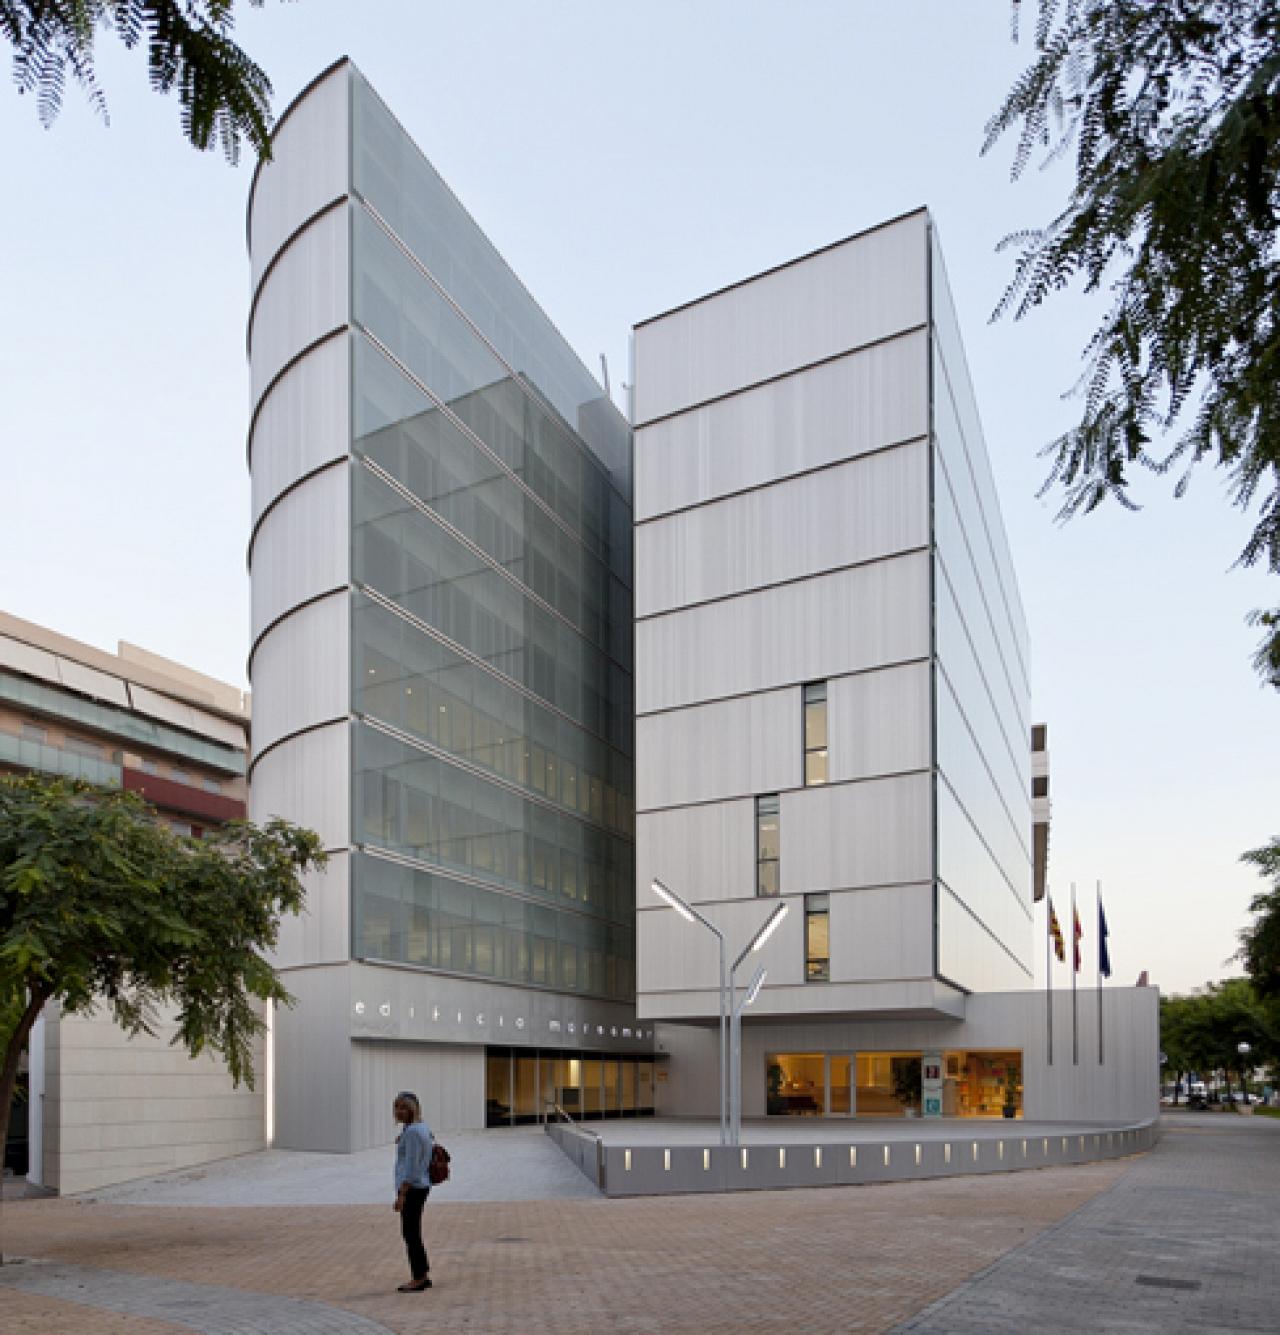 Vida del proyecto edificio de oficinas marsamar en alicante - Edificio de oficinas ...